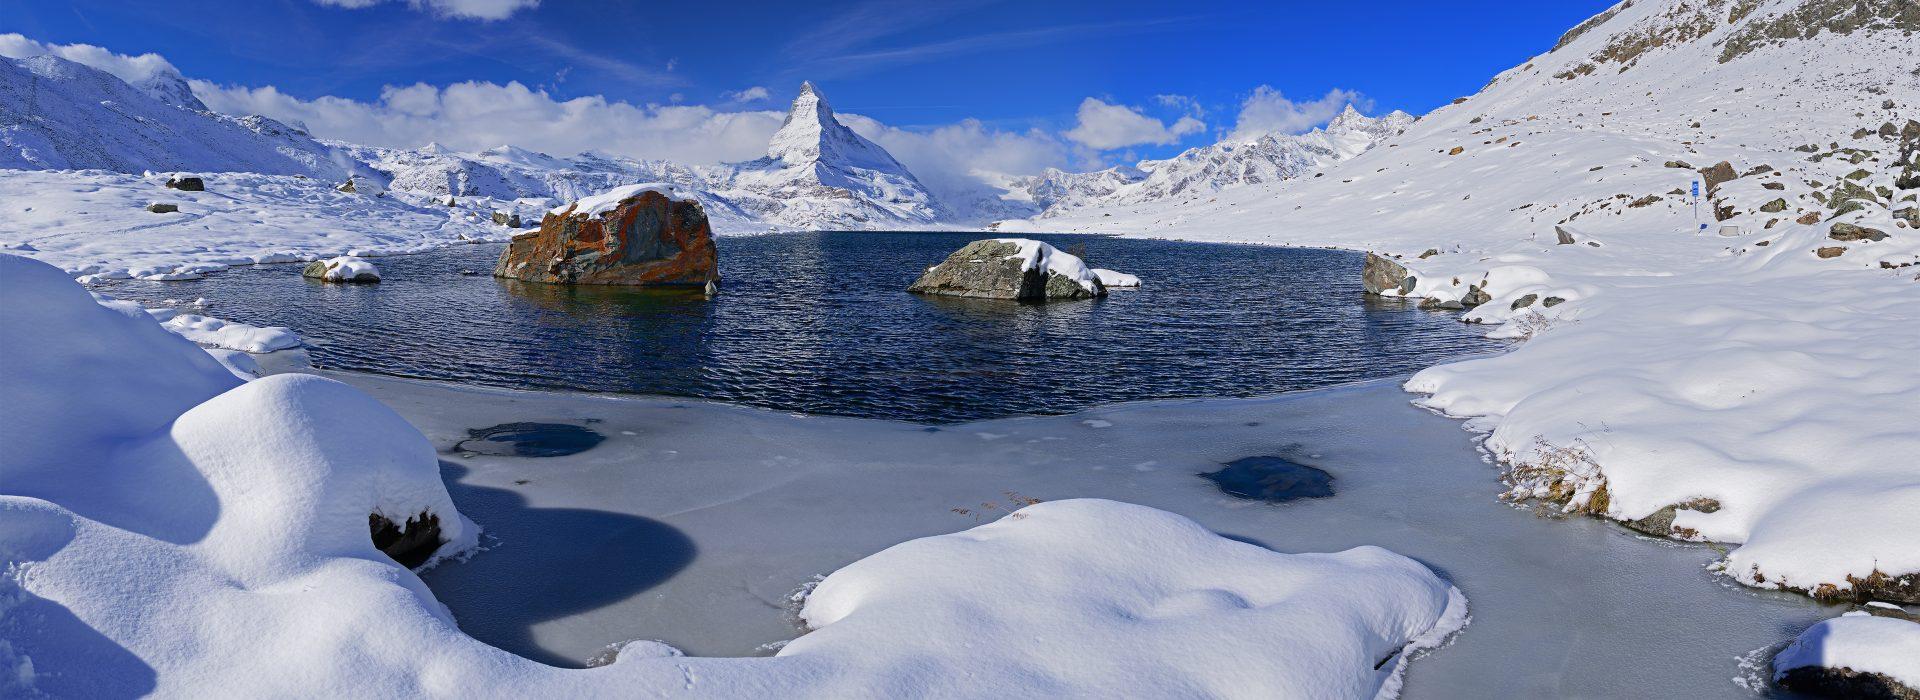 Snow covered Matterhorn